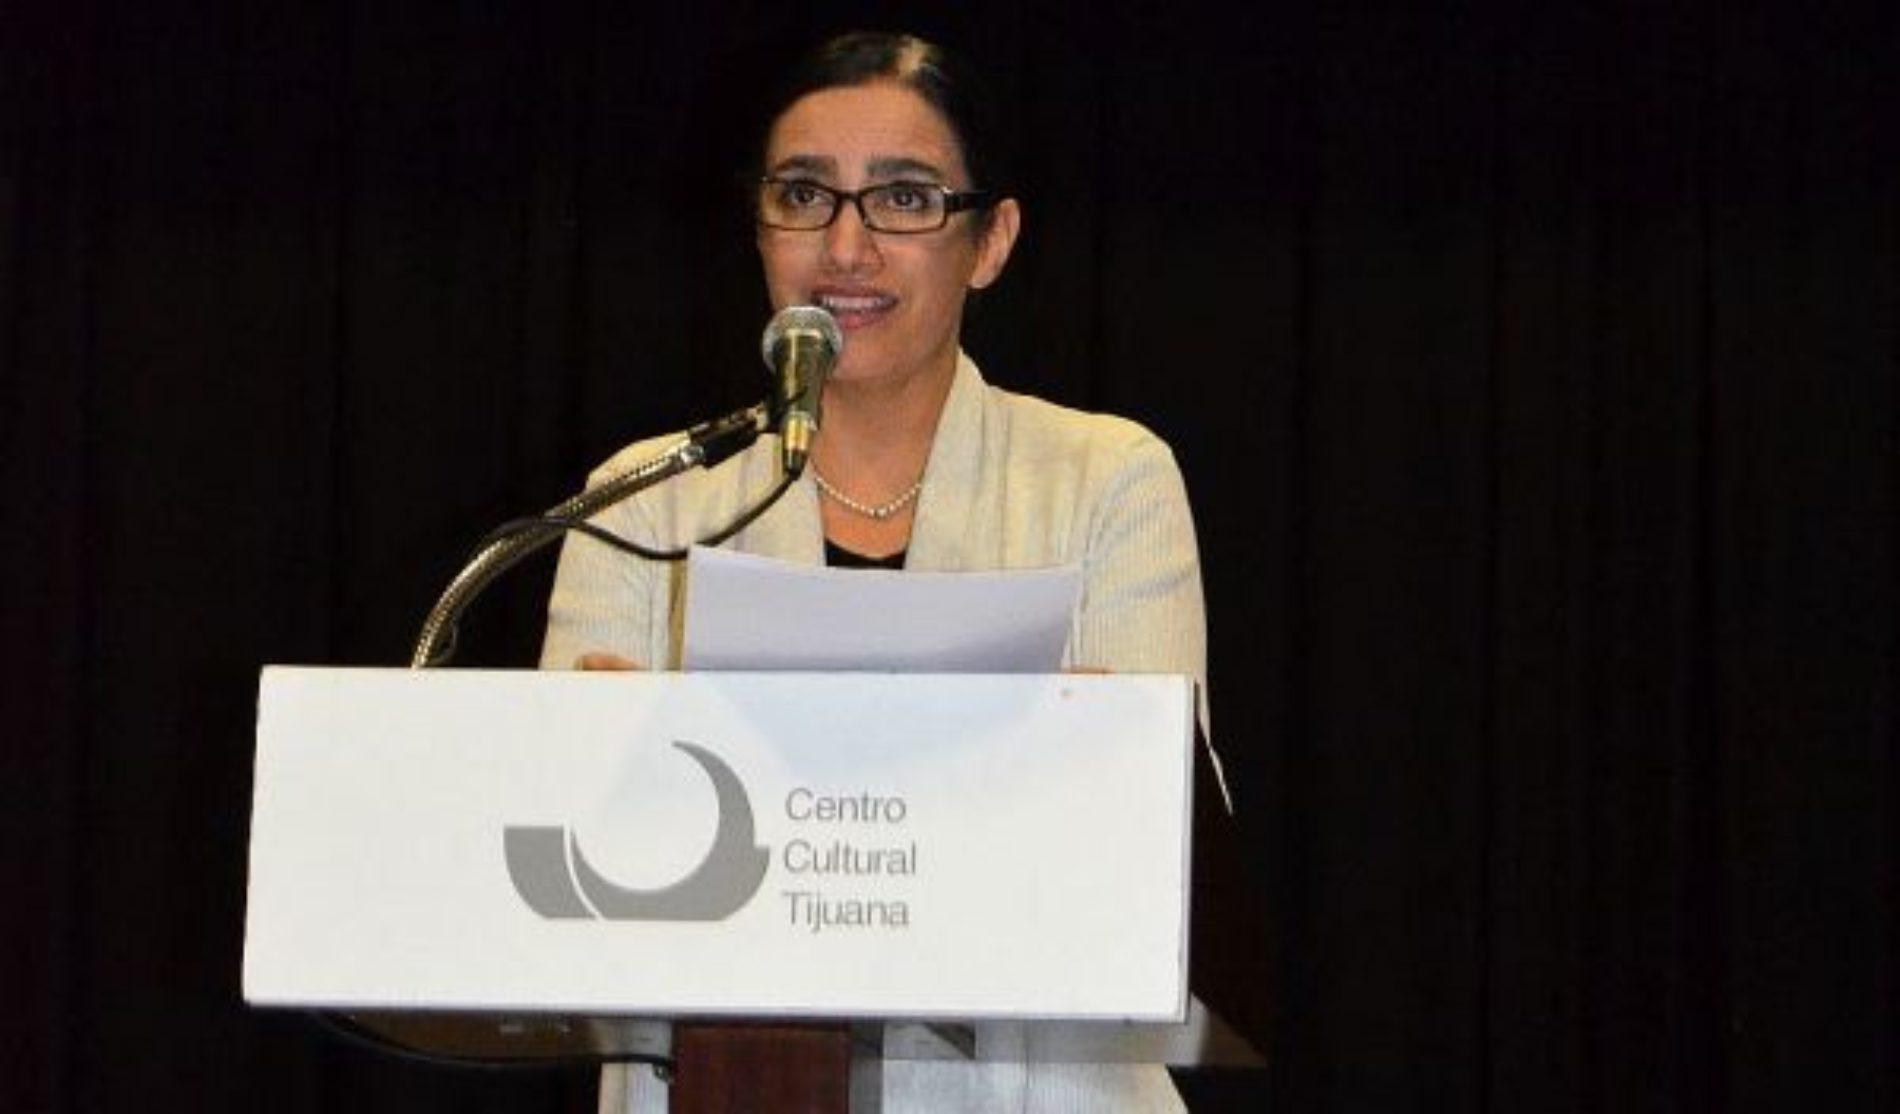 Trabaja el CECUT en favor del poder de la cultura: Vianka Santana